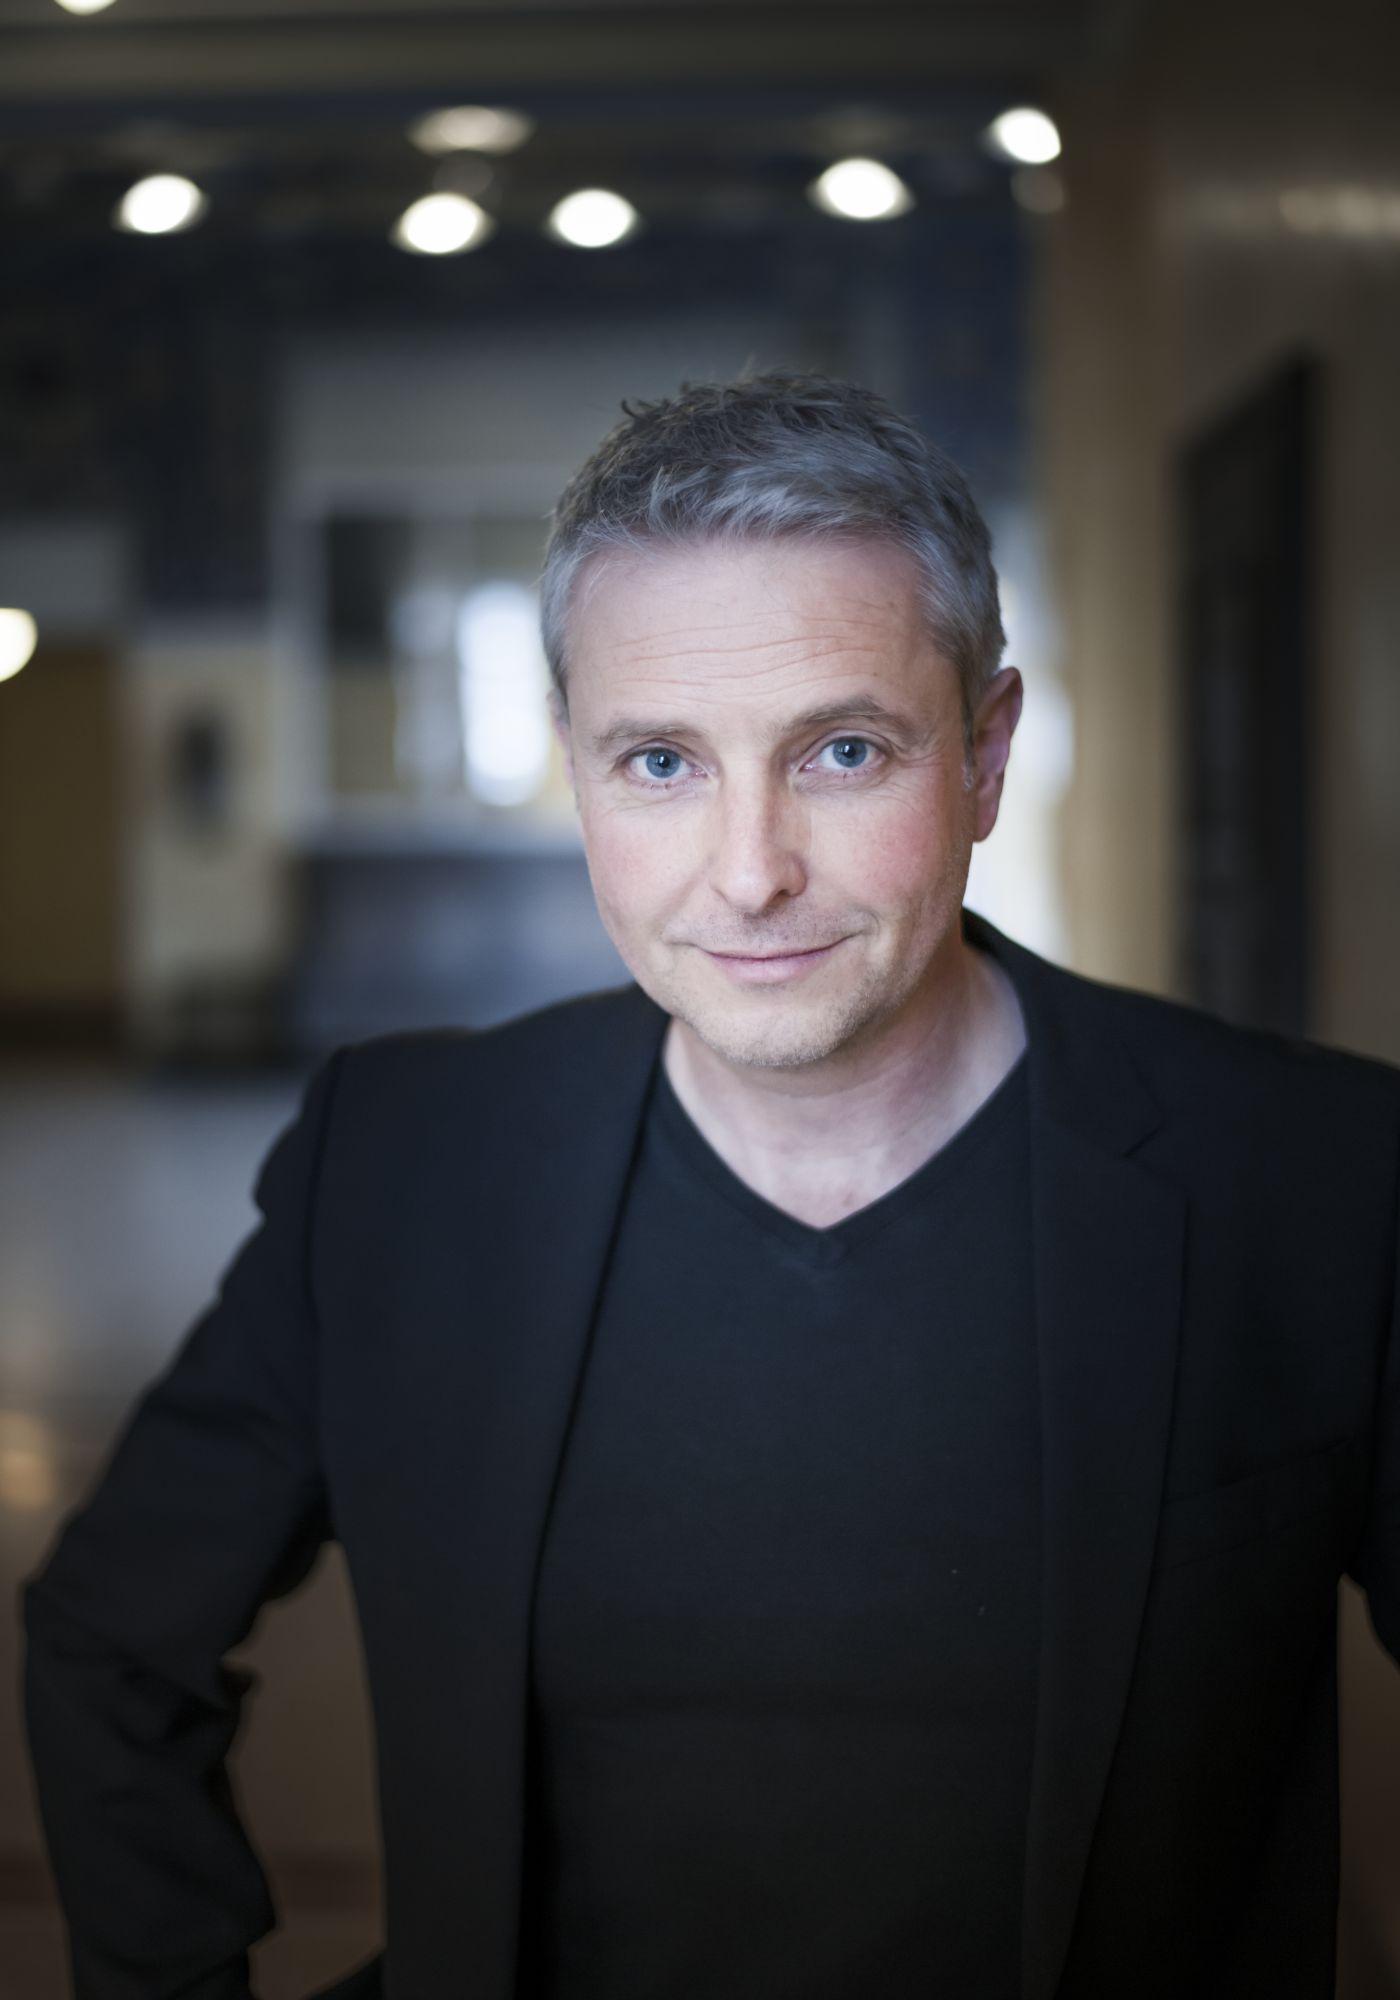 Alexander Liebreich (źródło: materiały prasowe organizatora)